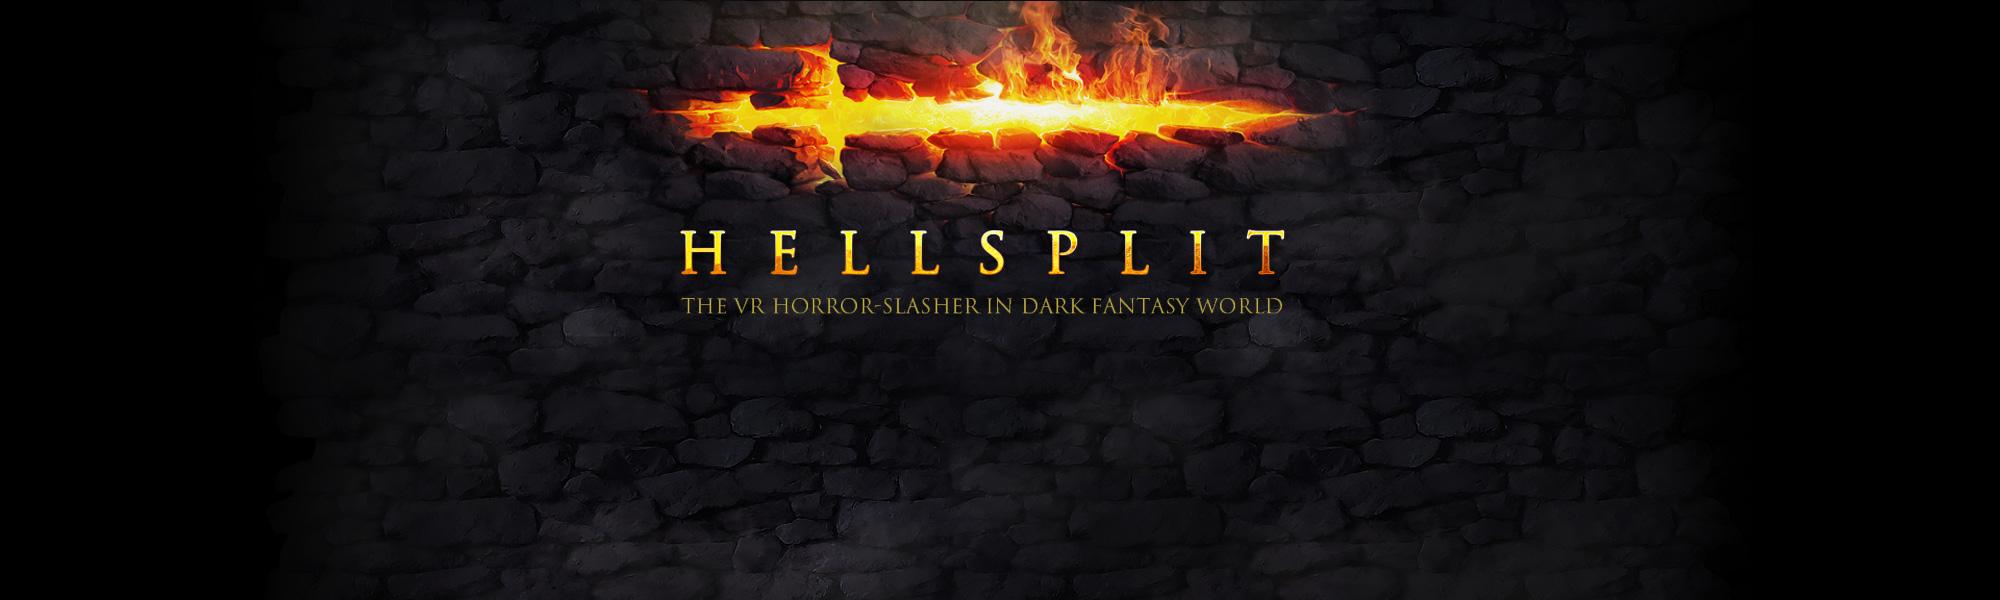 Hellsplit sur PSVR en 2018 vrplayer.fr